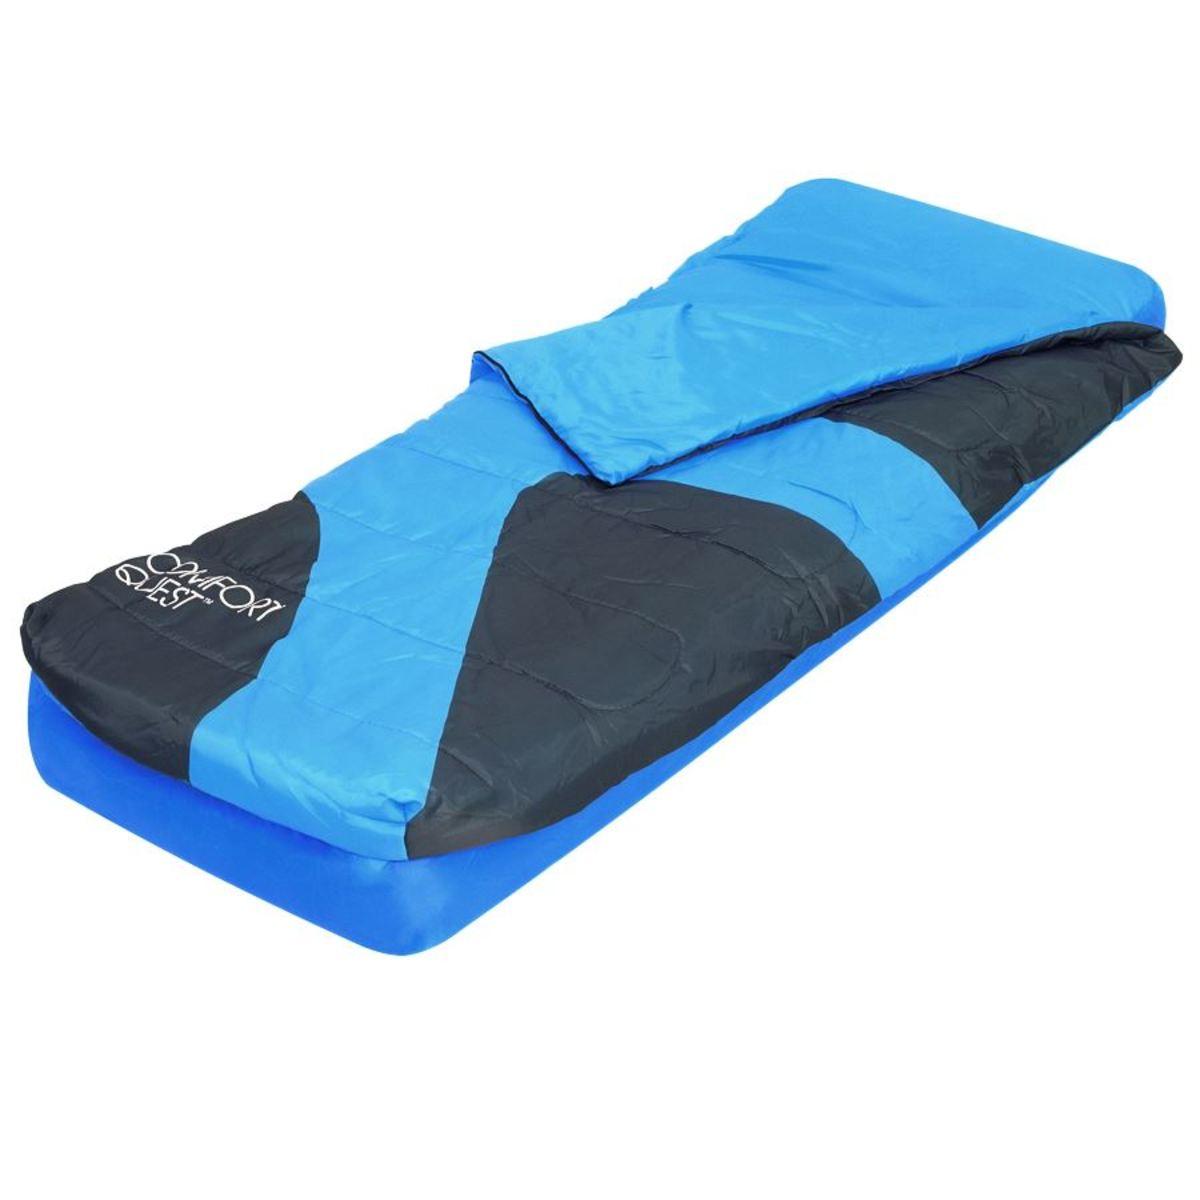 Bild 1 von Bestway Camping-Schlafset Aslepa 2in1 Blau